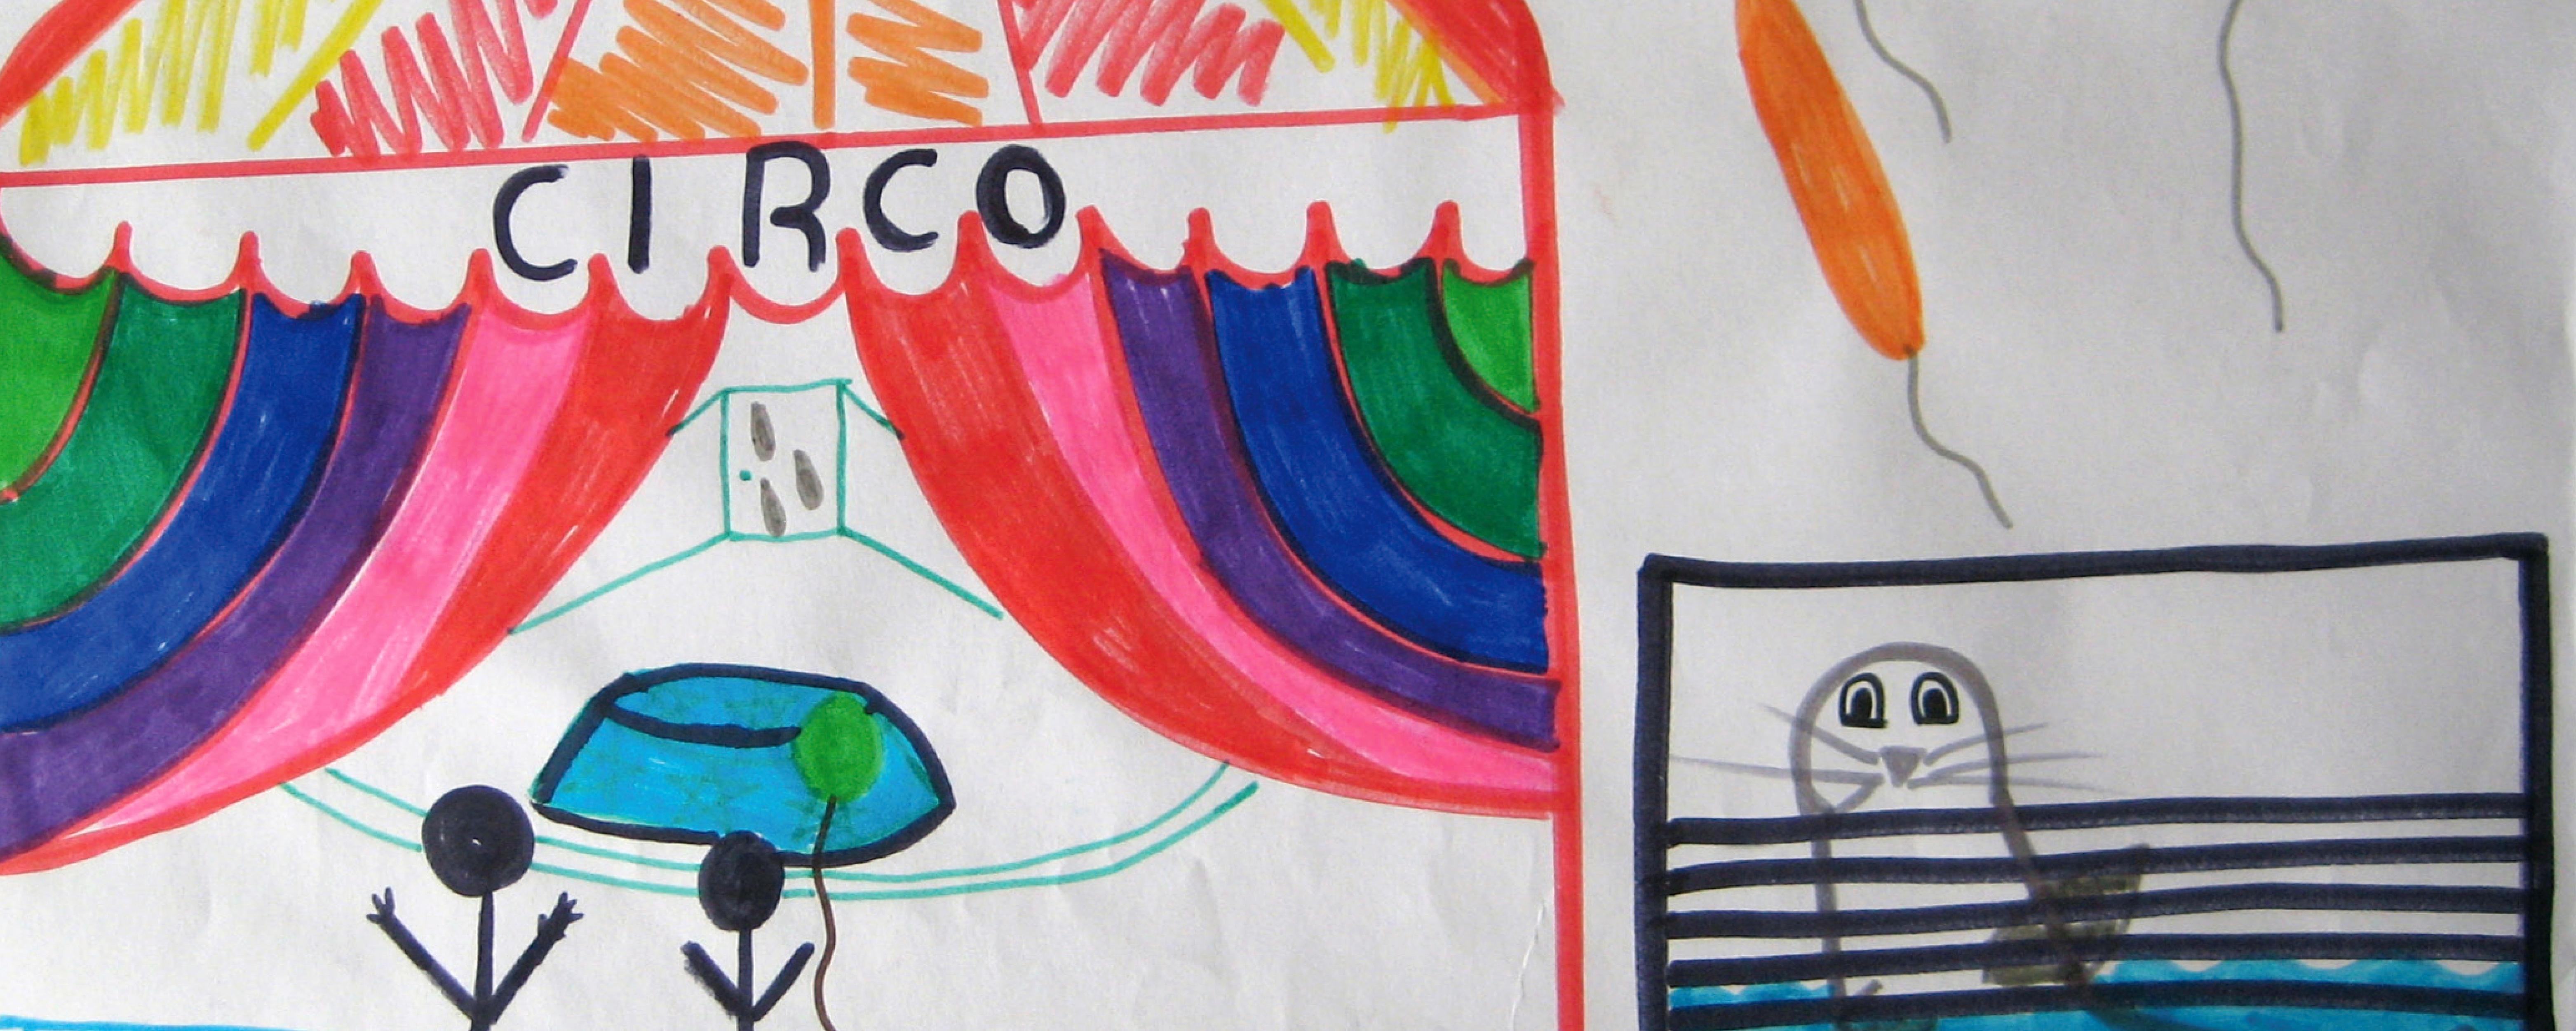 disegno, il circo